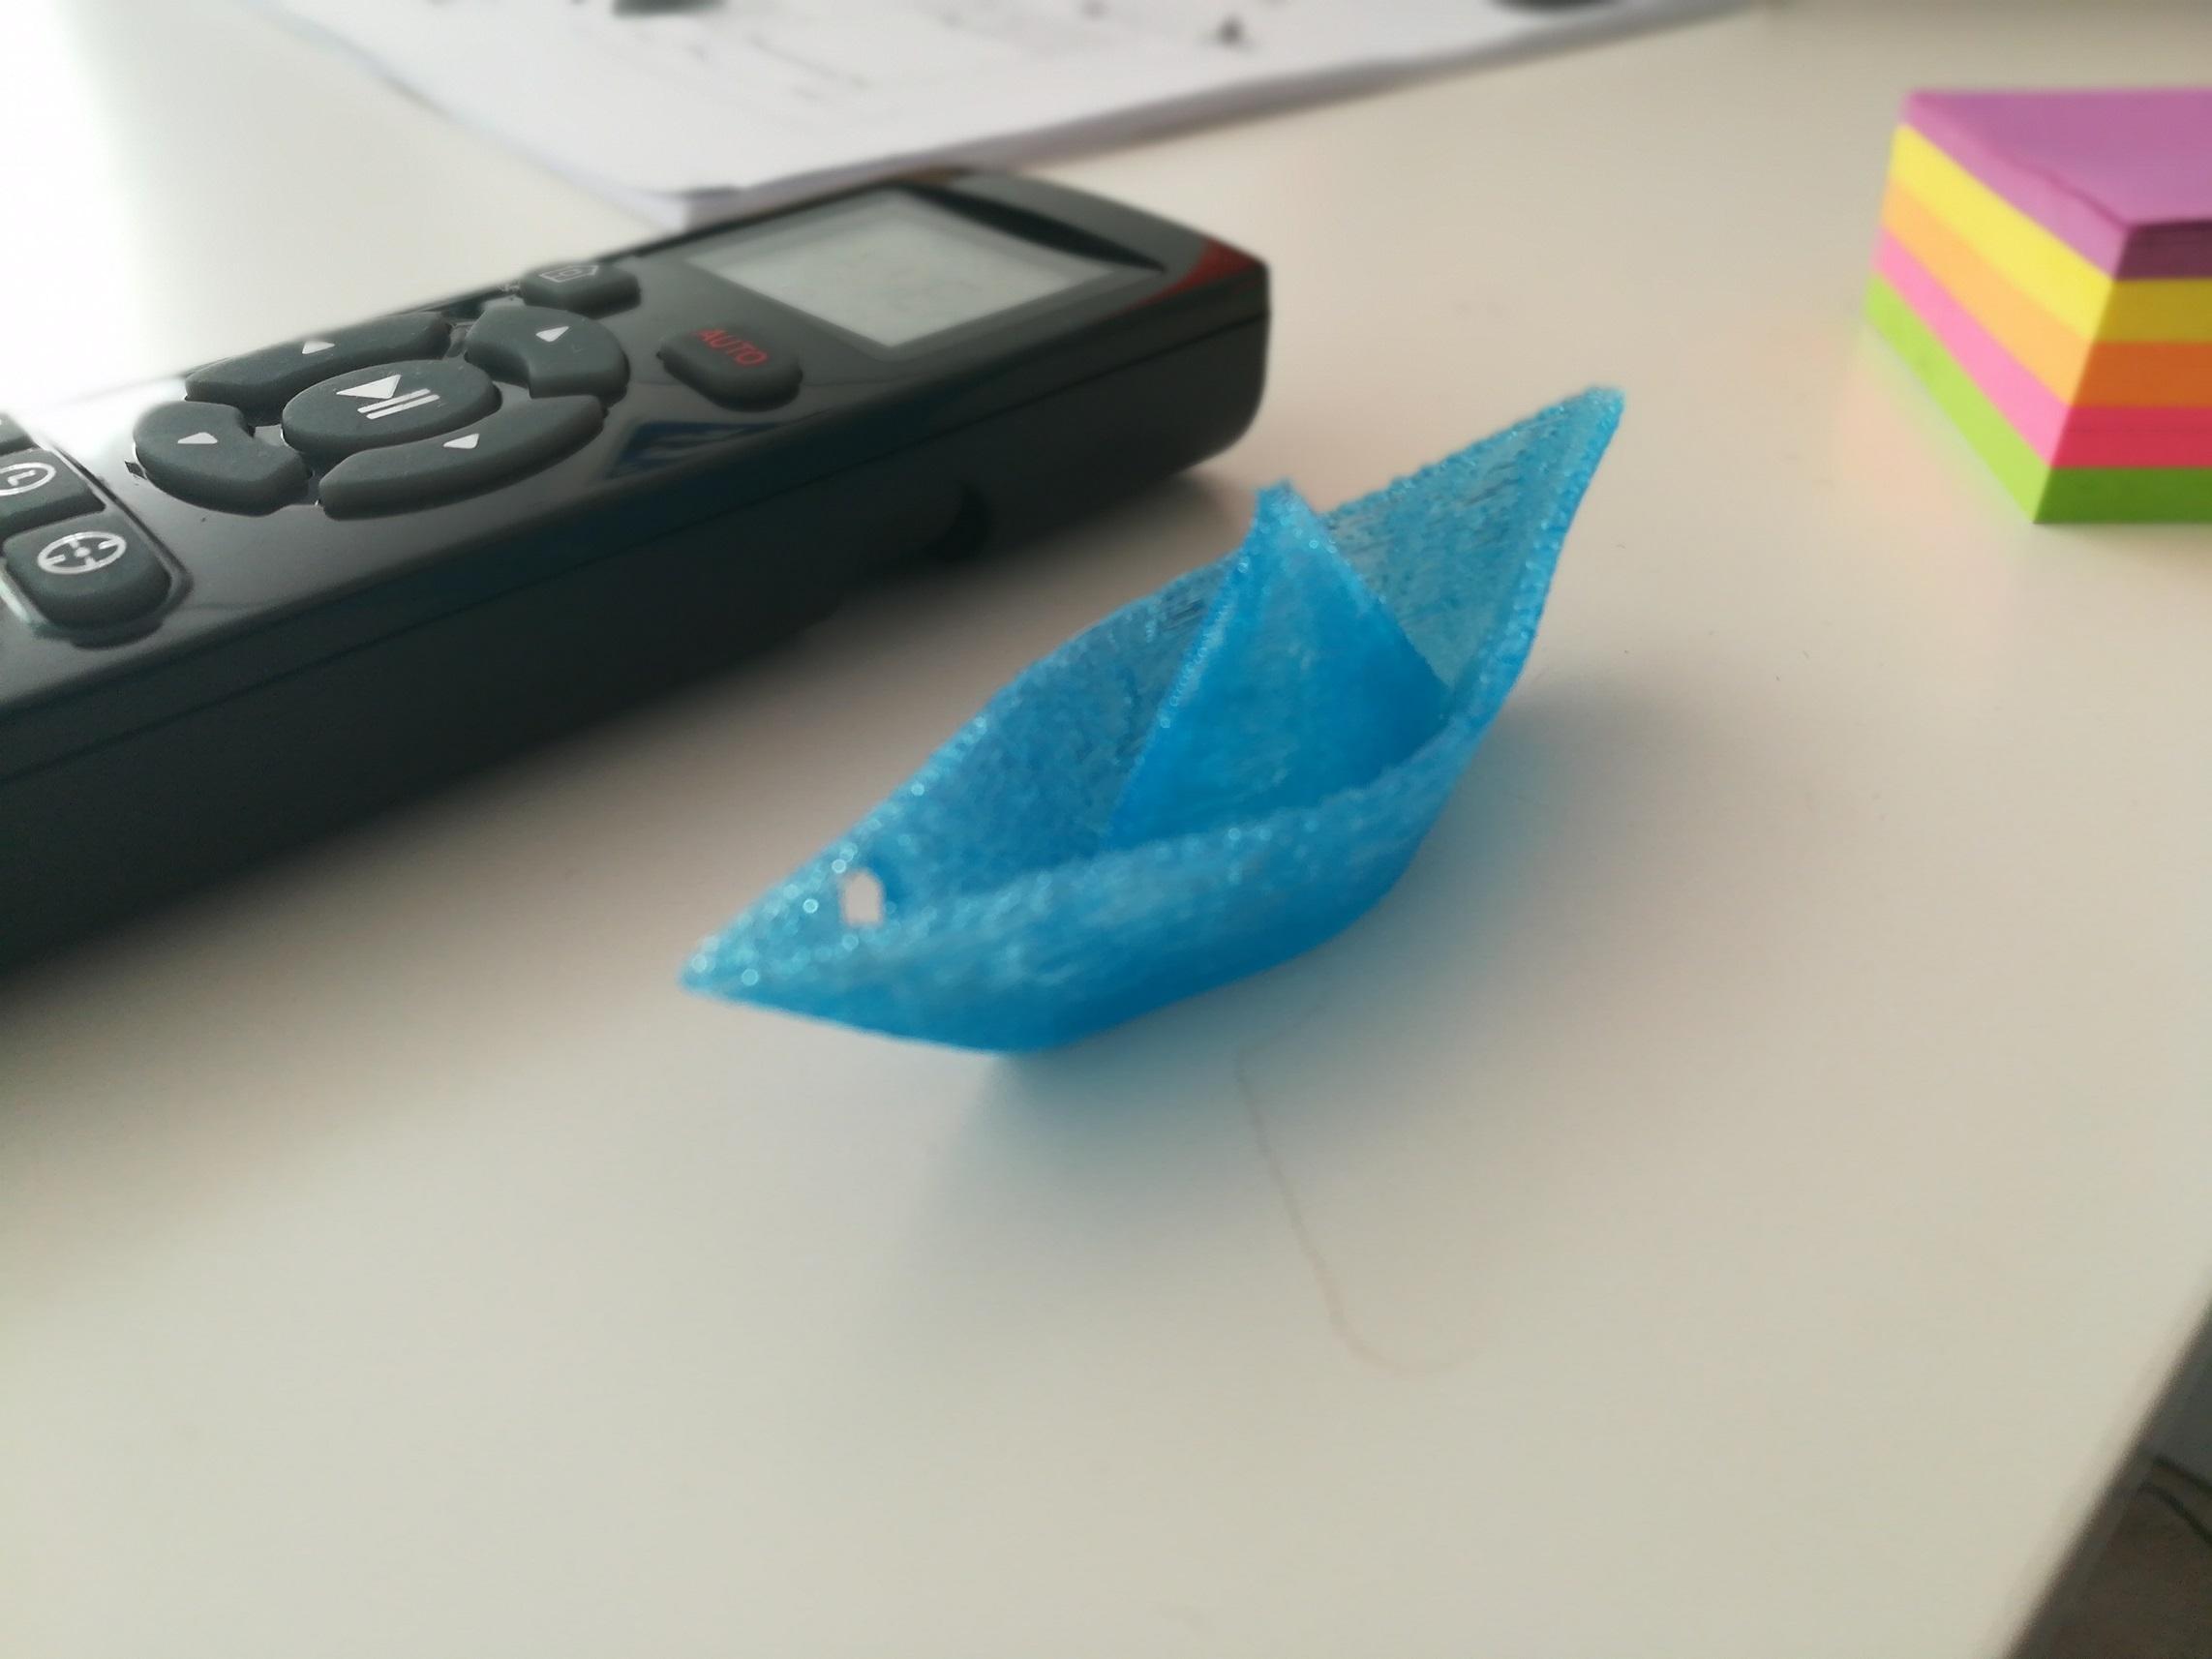 Bateau imprimé par l'imprimante 3D da Vinci Mini XYZ Printing